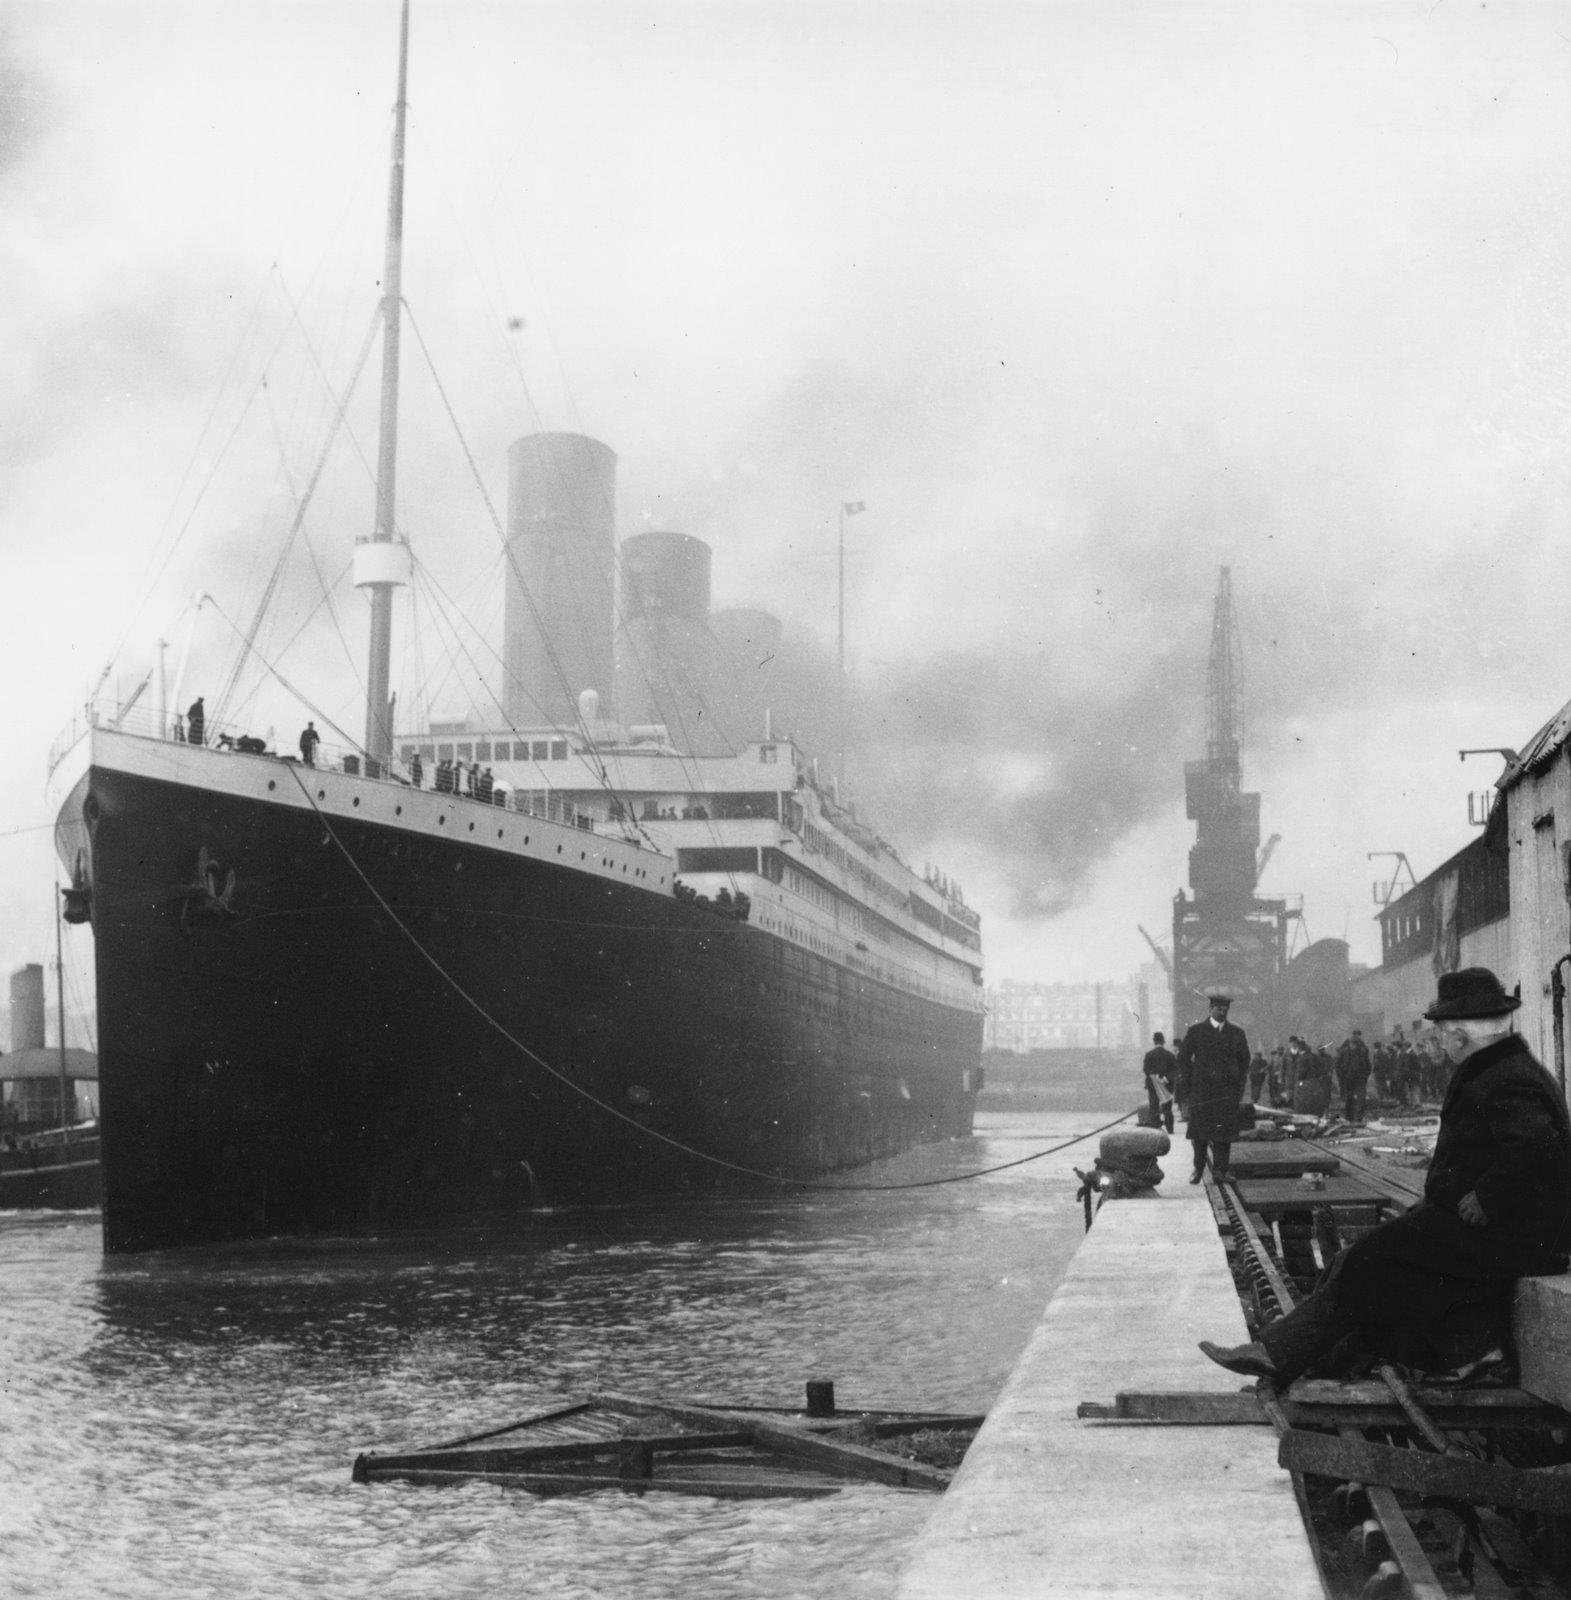 titanic-in-dock.jpg